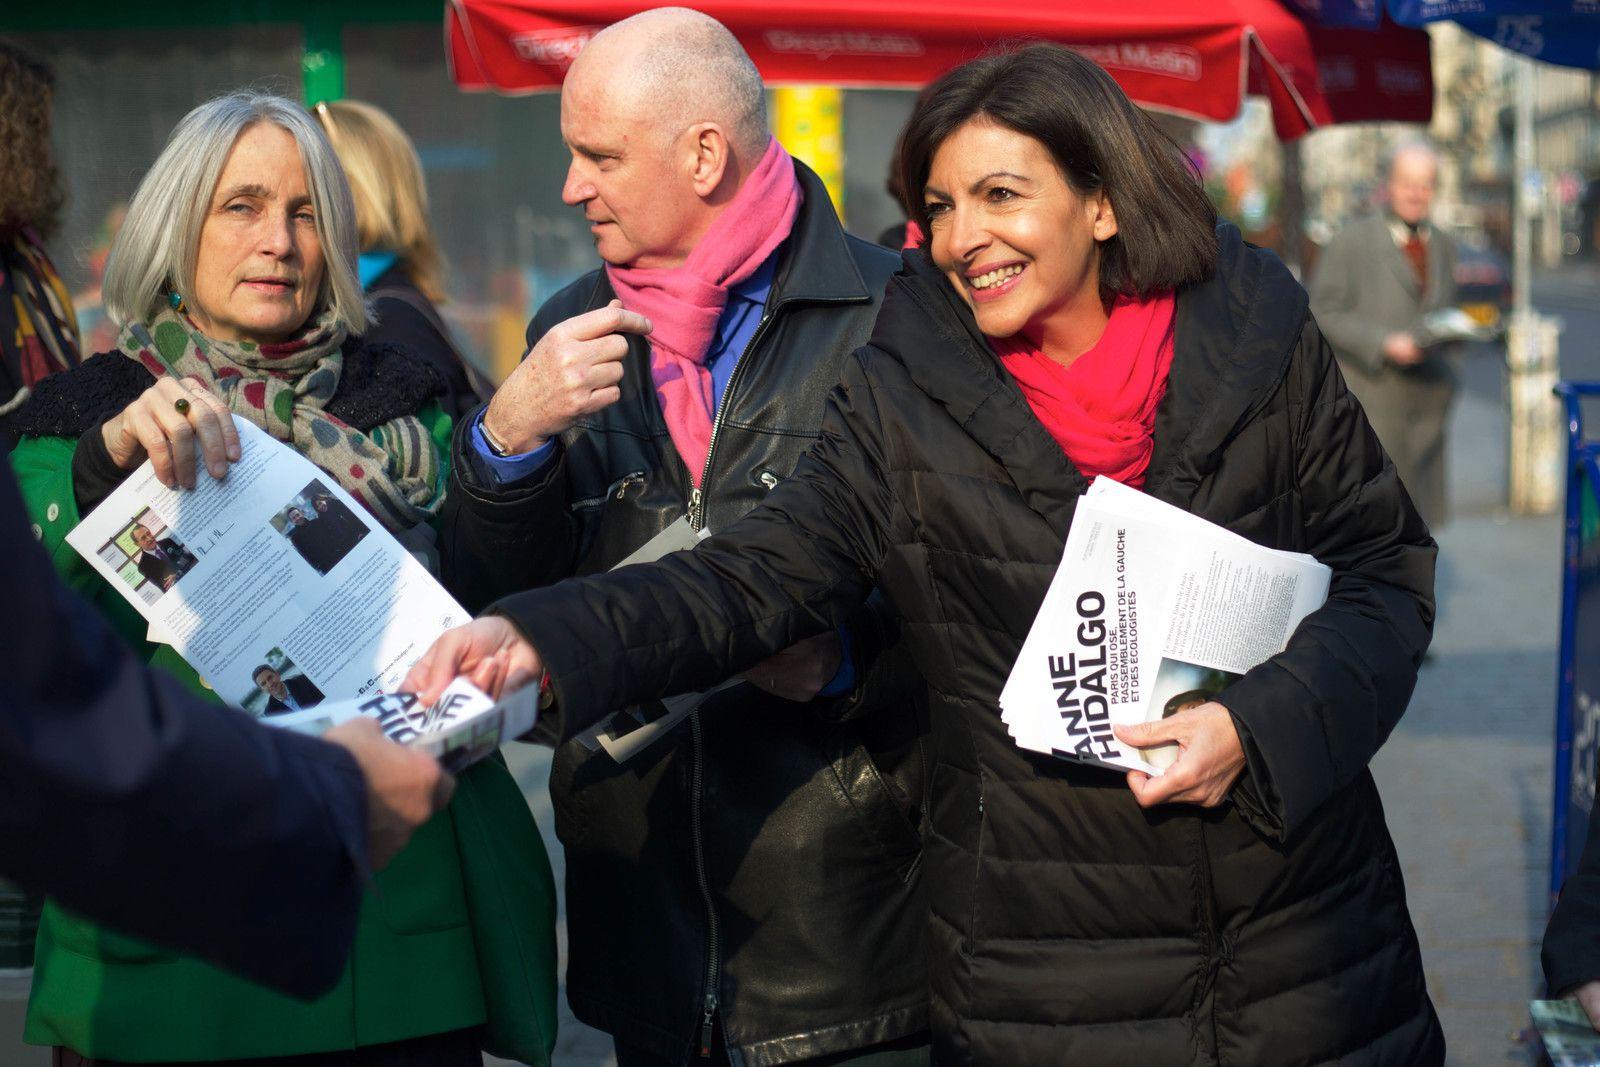 Mairie de Paris : Anne Hidalgo et Christophe Girard provoquent un conflit social en pleine campagne électorale !